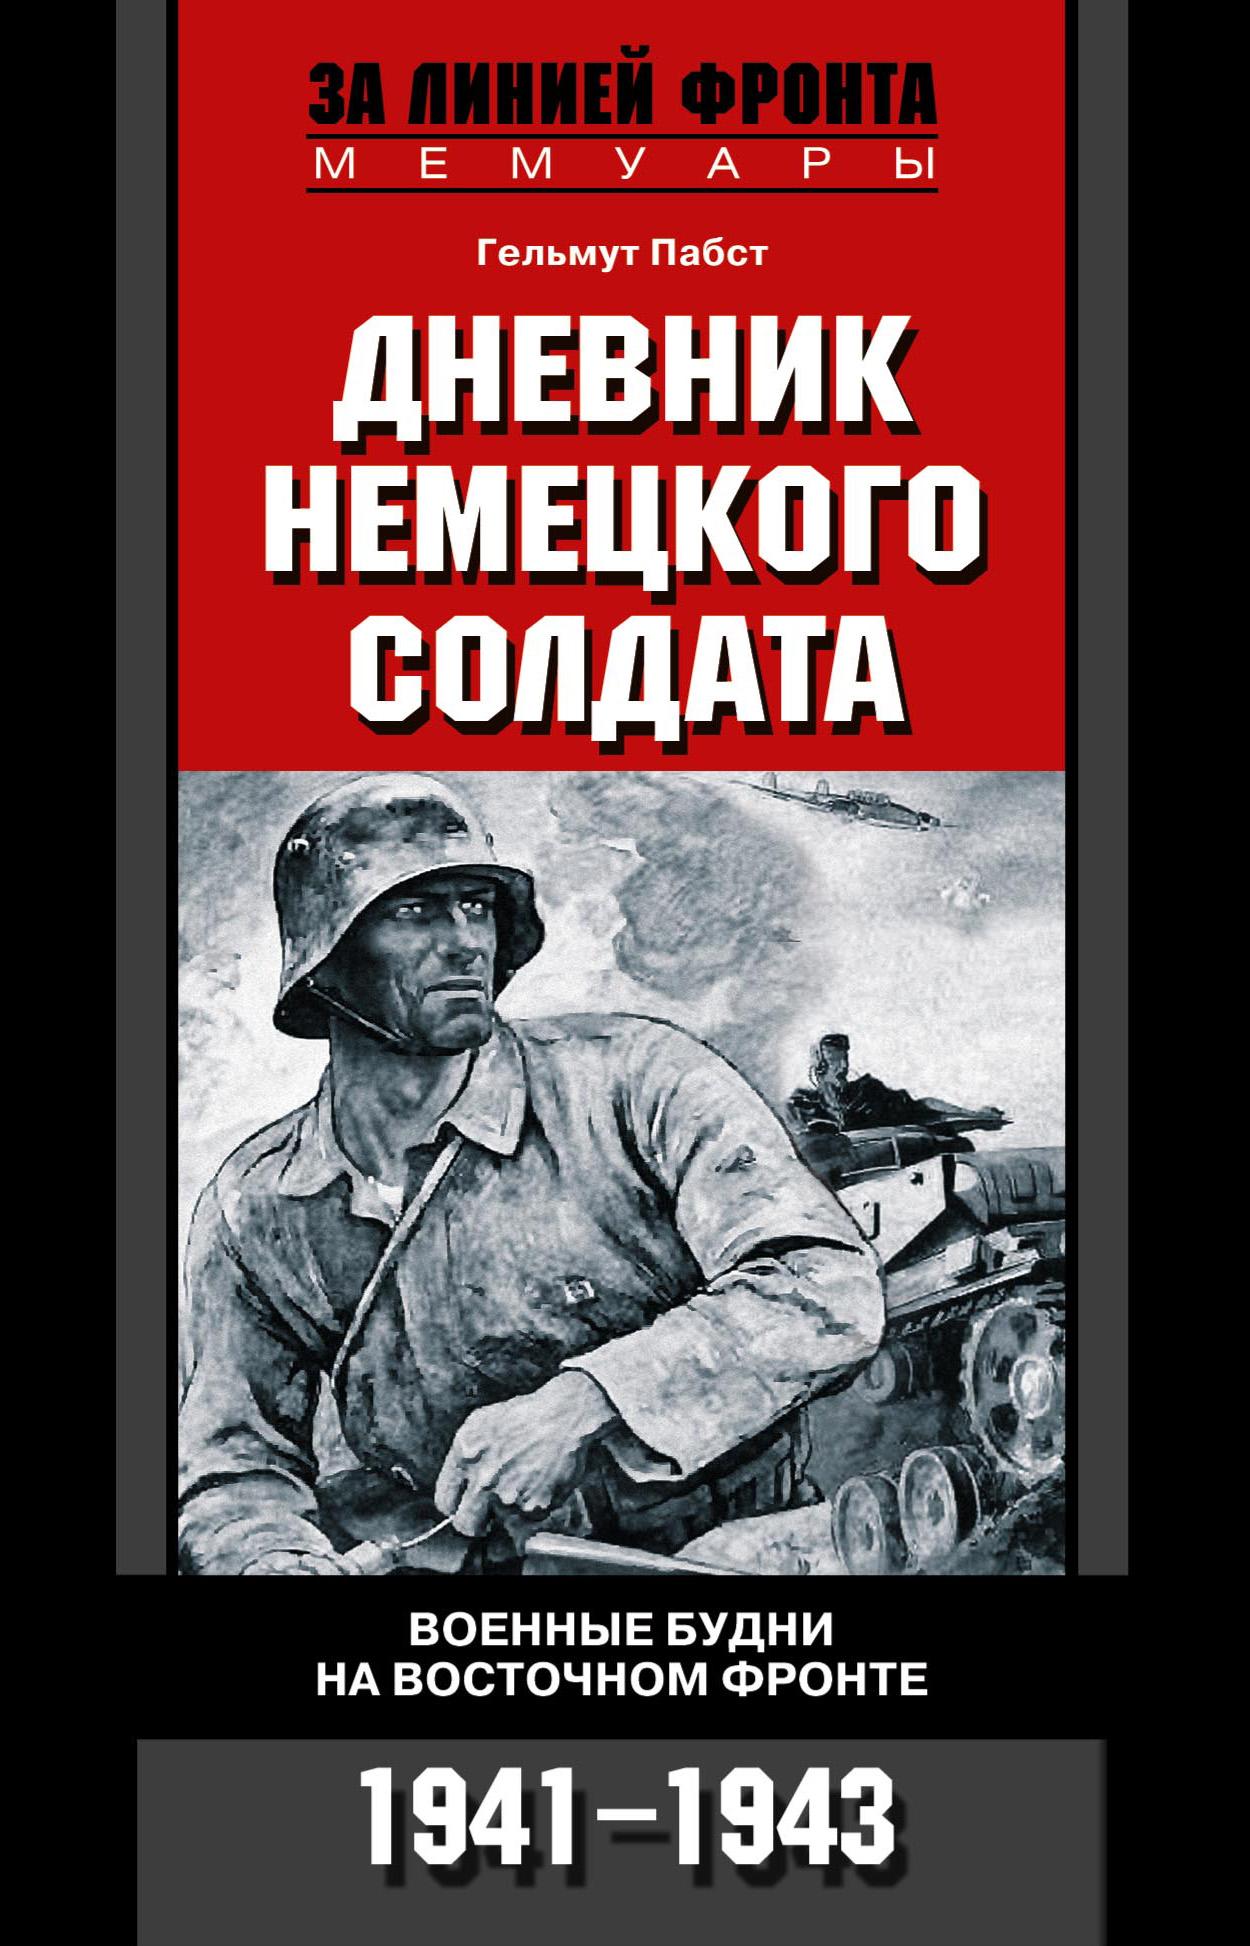 Гельмут Пабст Дневник немецкого солдата. Военные будни на Восточном фронте. 1941-1943